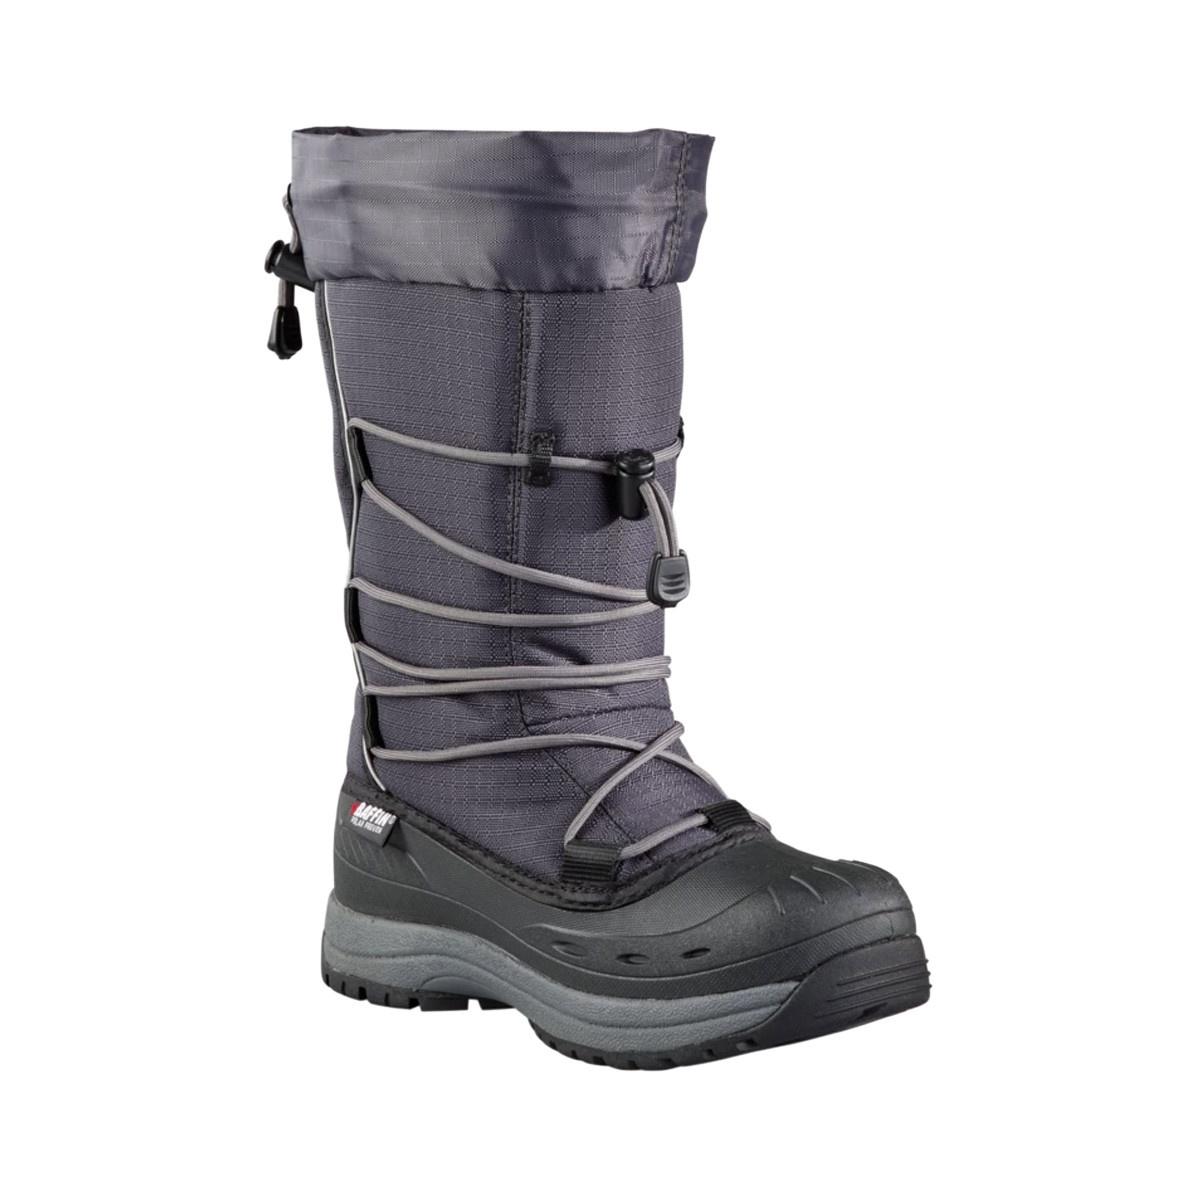 Baffin Women's Snogoose Black Boot